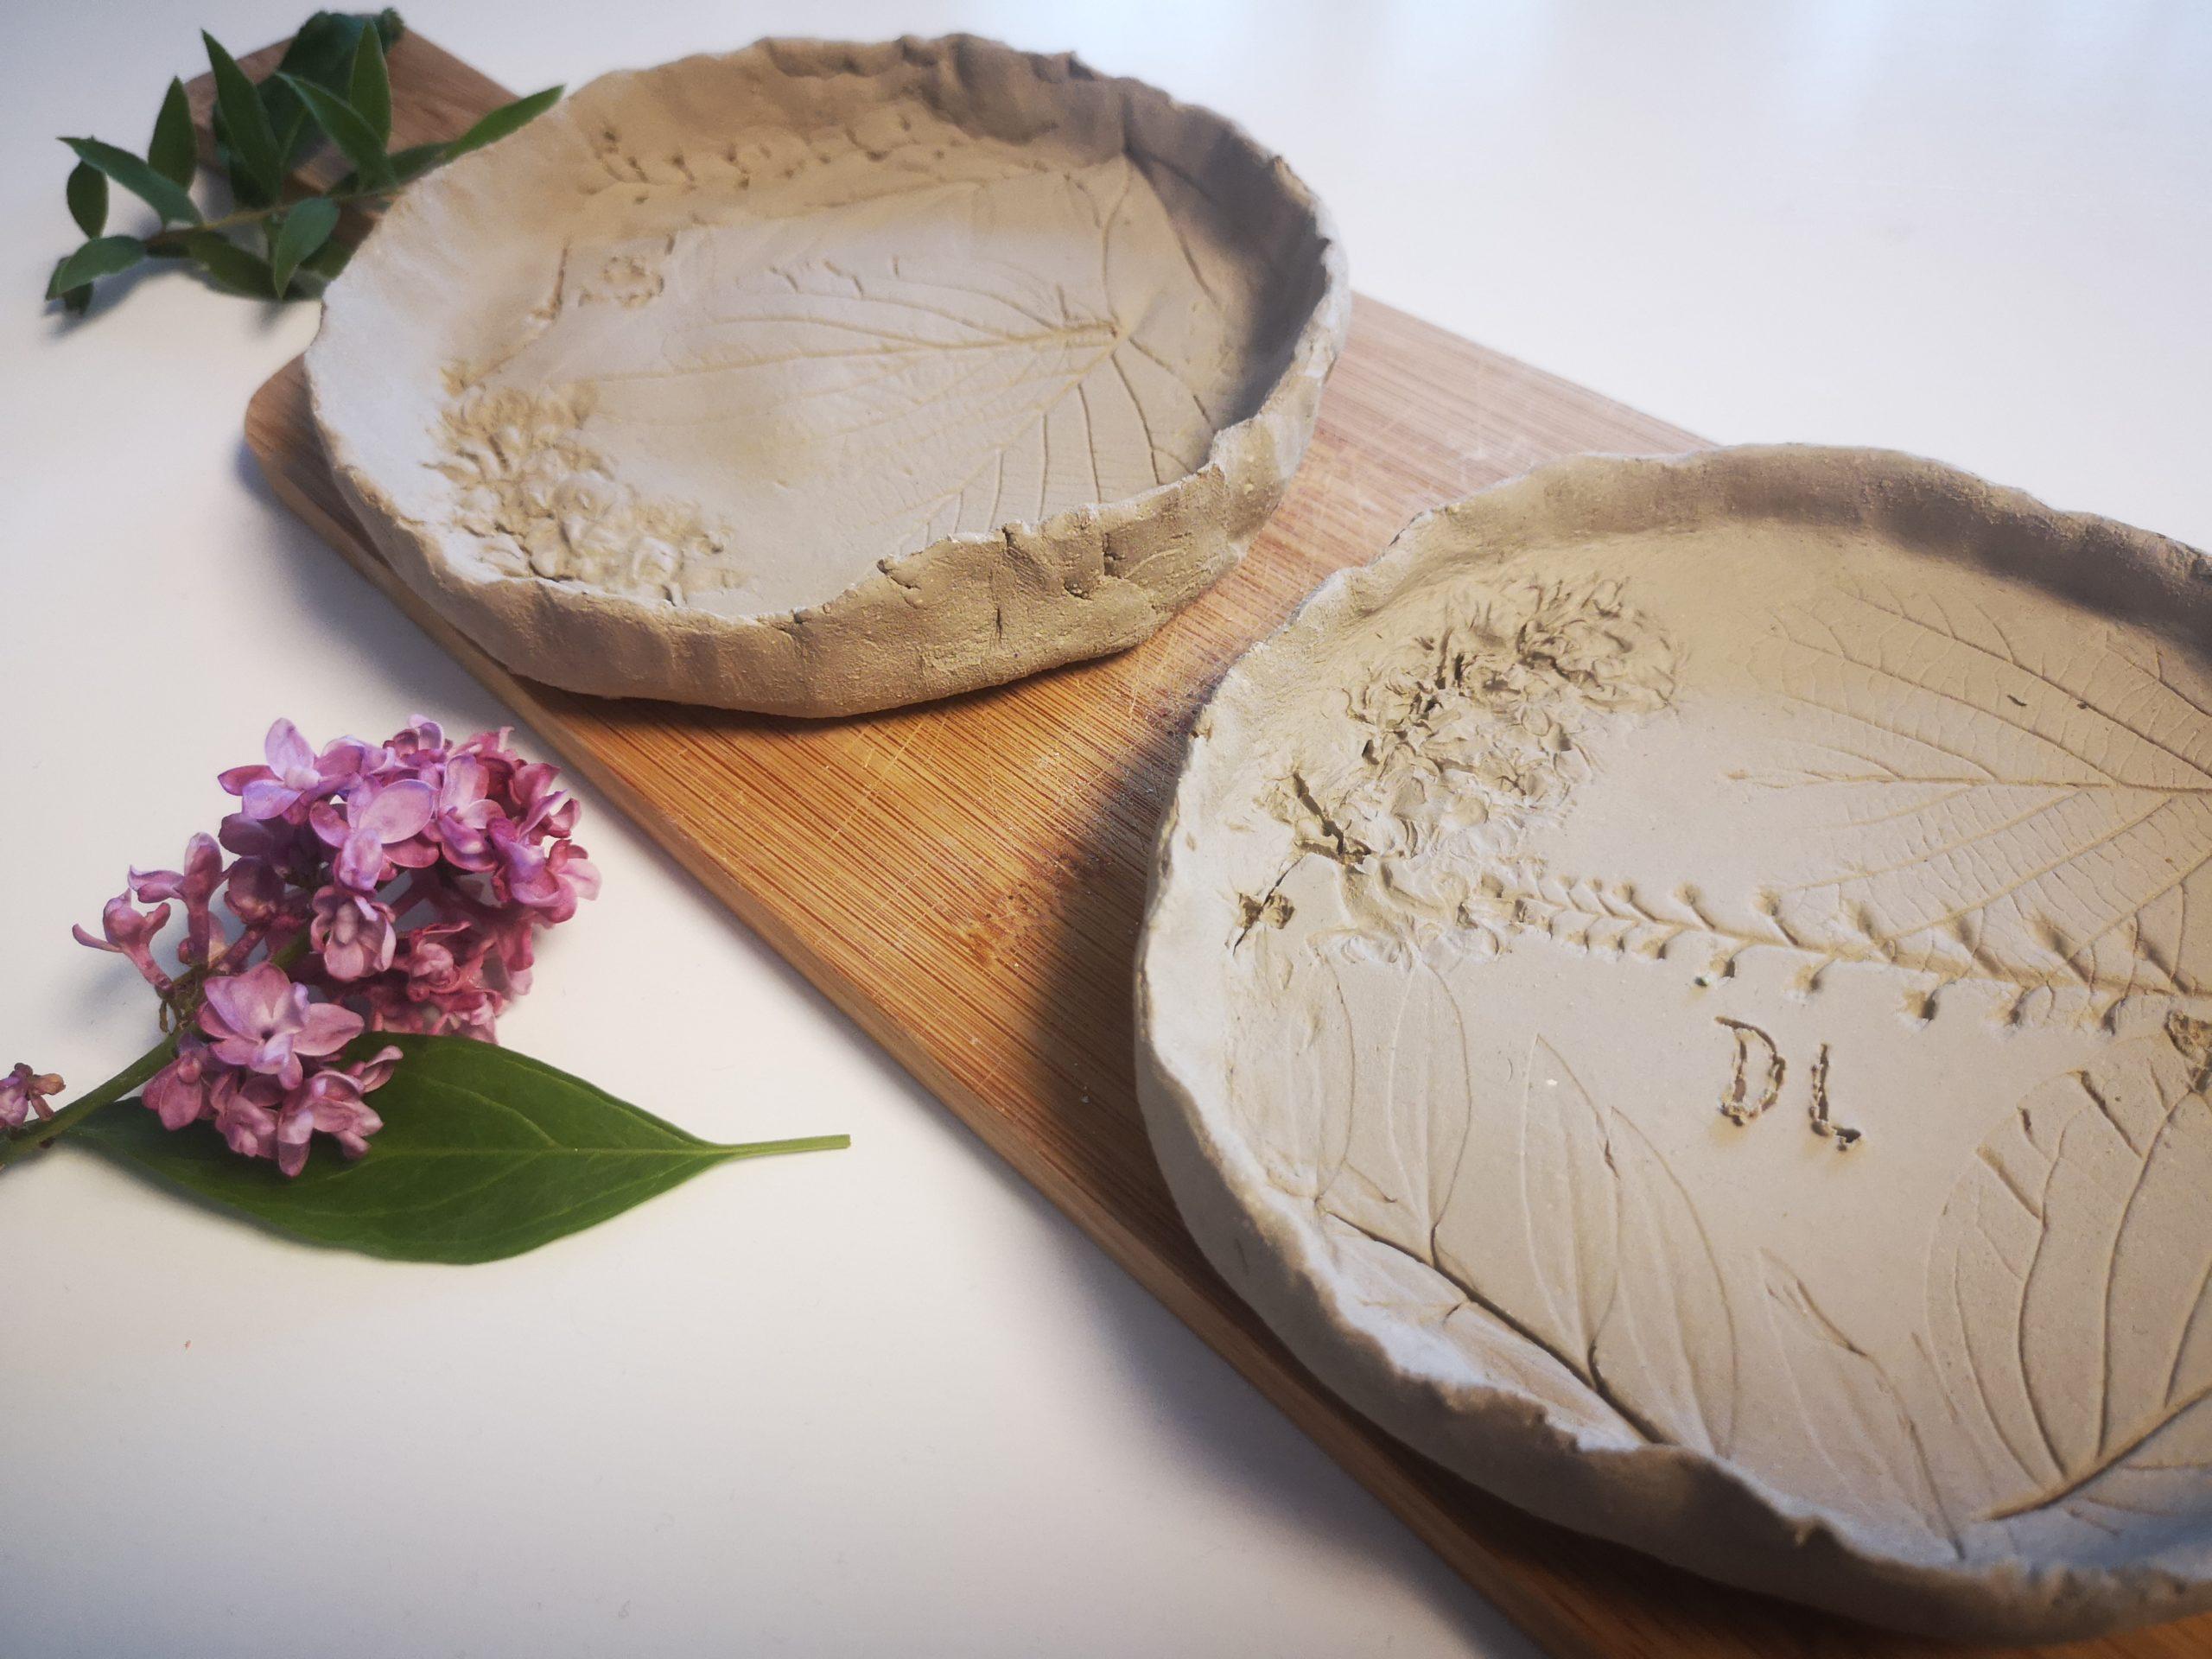 DIY Idee zum Muttertag: Tonschale mit Blumenmuster